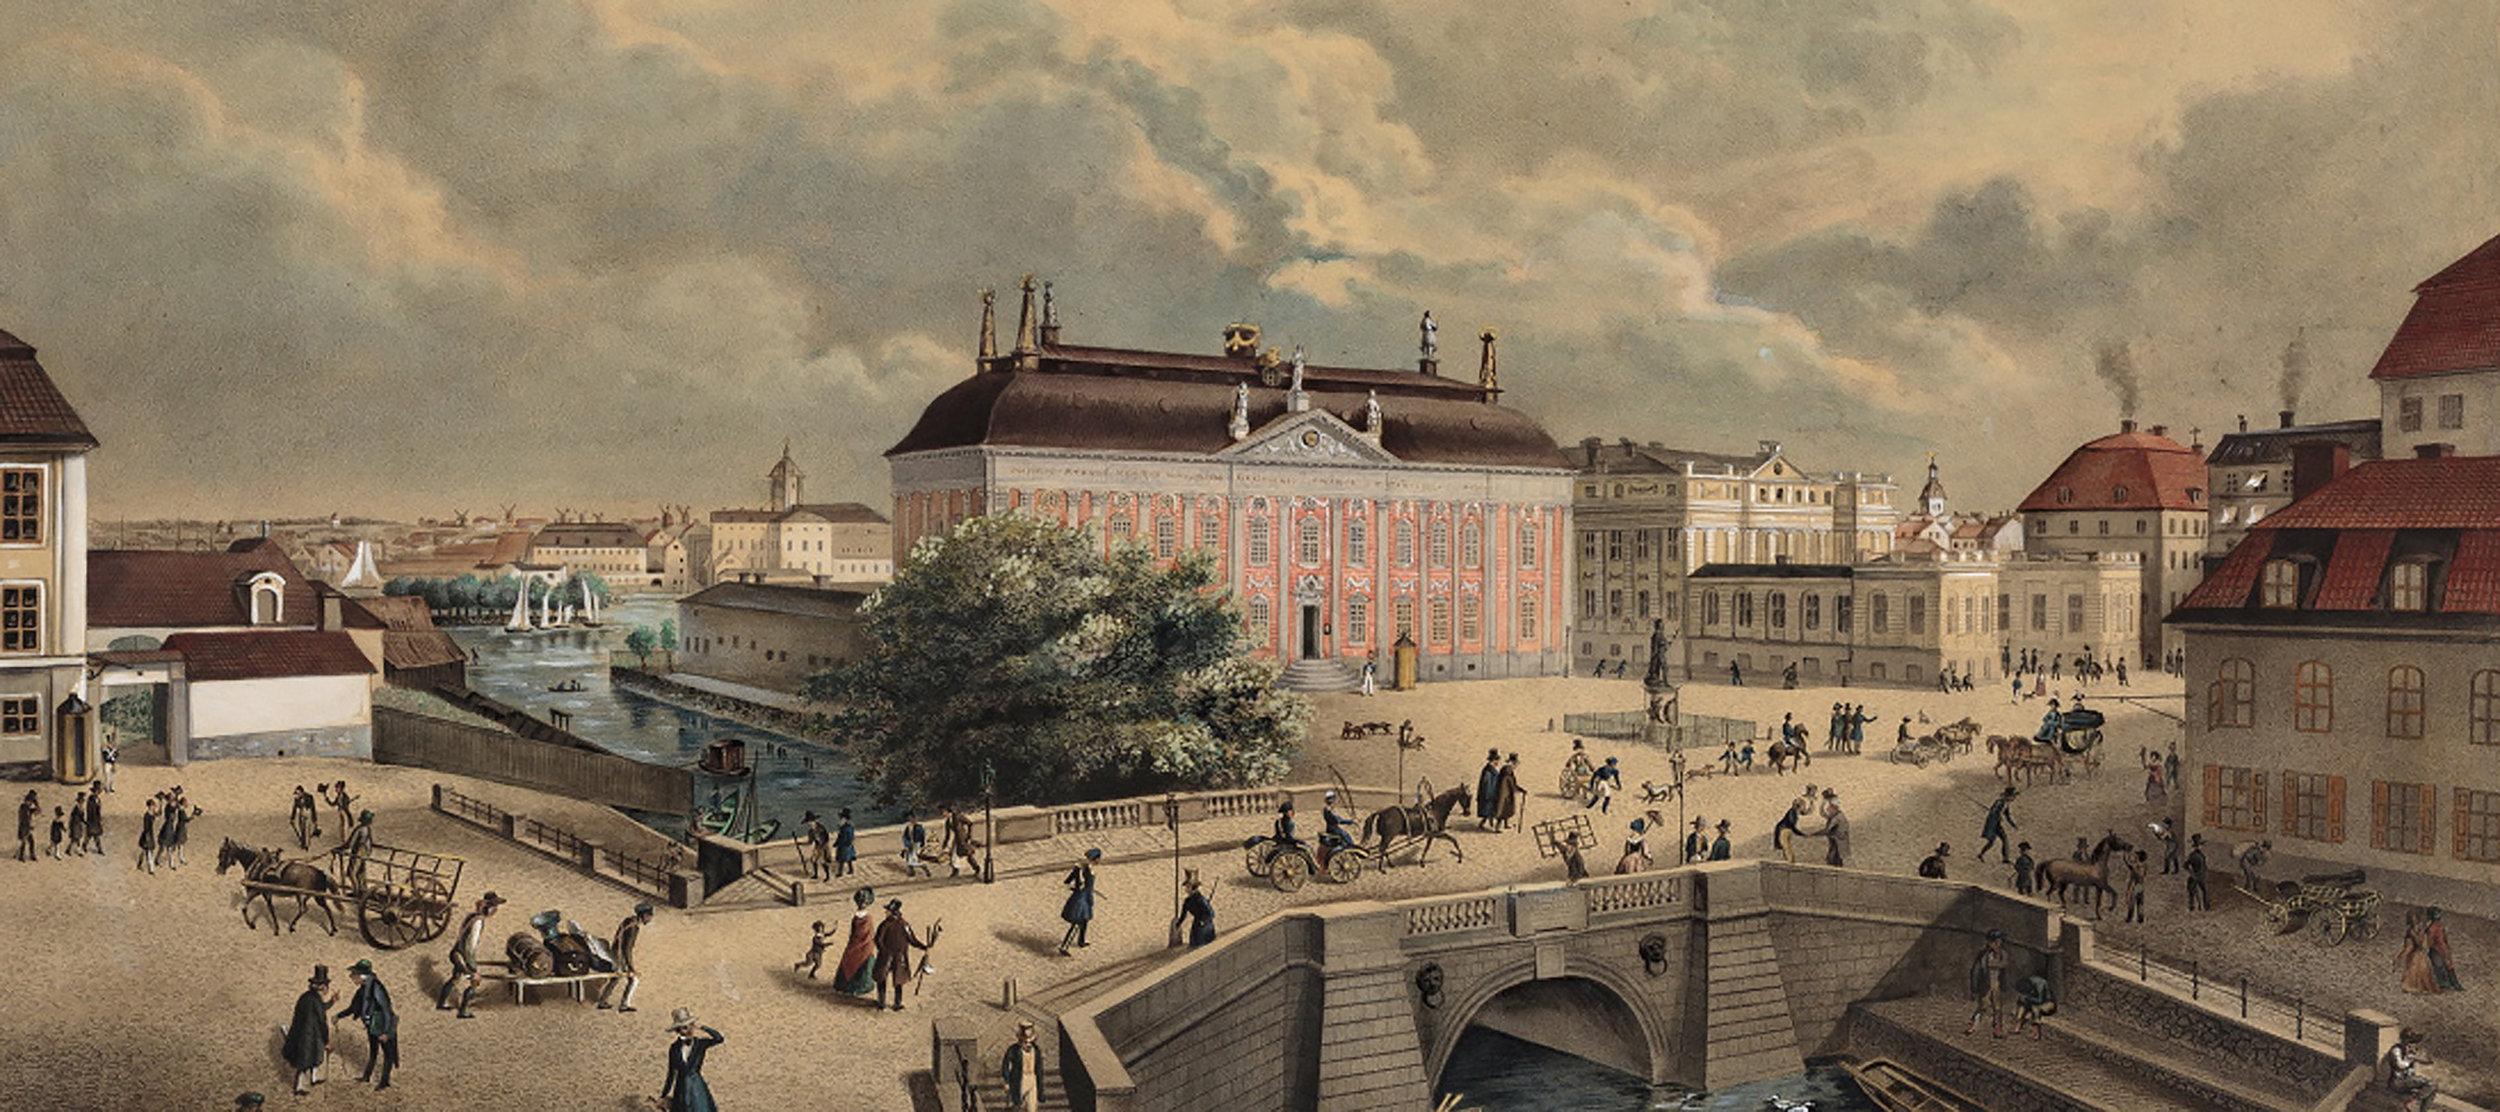 Riddarhuset i Gamla stan byggdes på initiativ av Axel Oxenstierna på 1600-talet för att samla och organisera adeln. Det låg mitt emellan slottet och Riddarholmen, där adelspalatsen byggdes. Målning av Ferdinand Tollin 1841. Stadsmuseet.